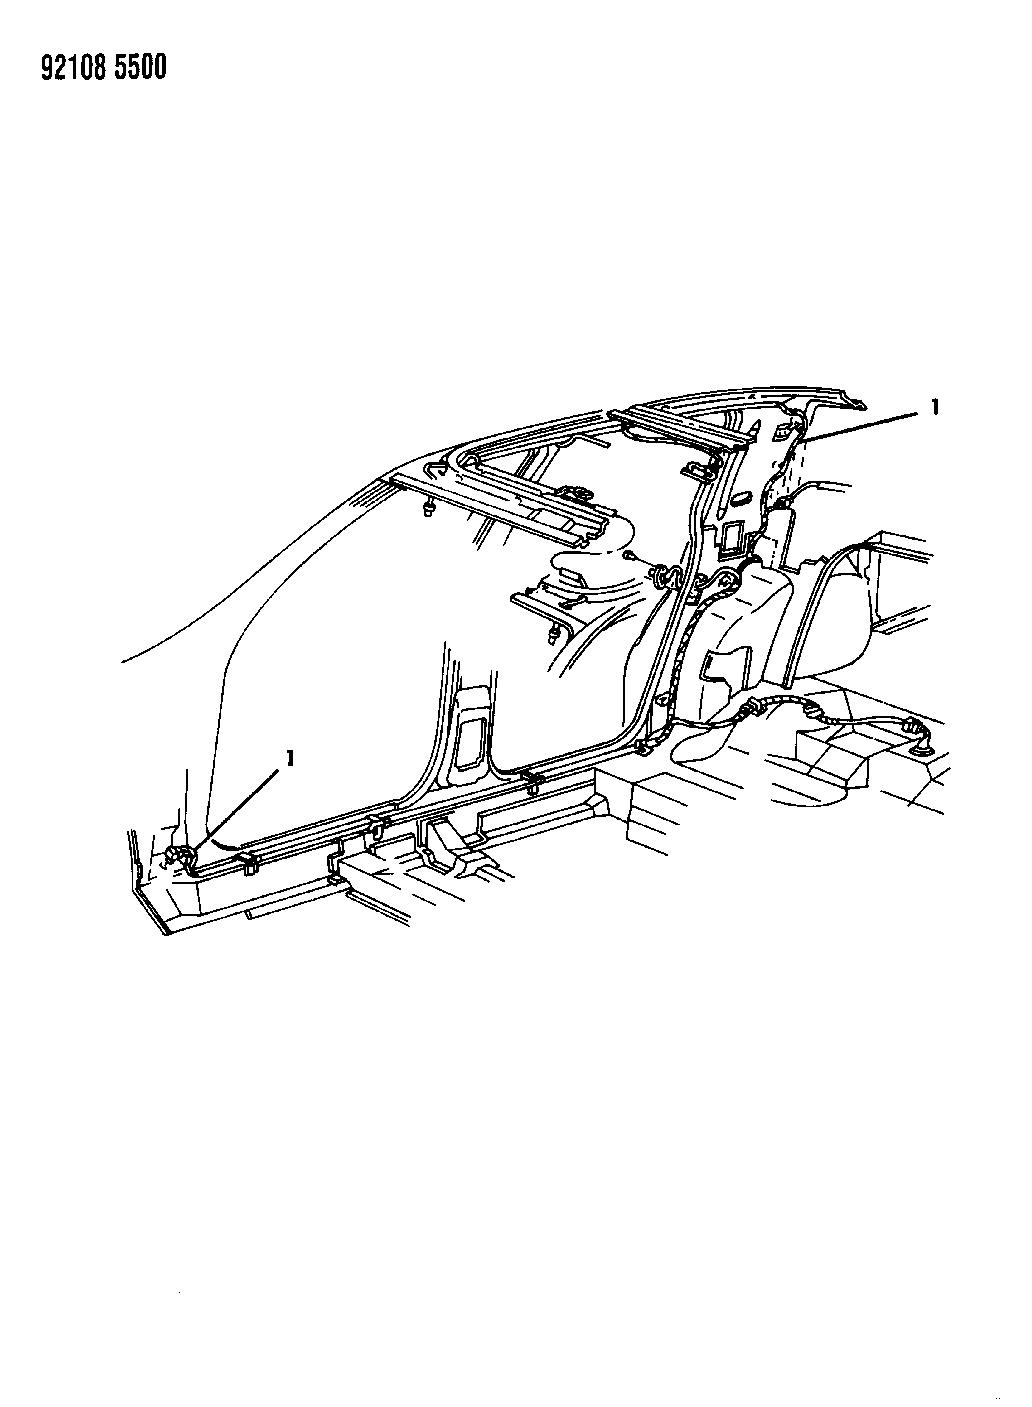 1992 Dodge Spirit Wiring - Body  U0026 Accessories